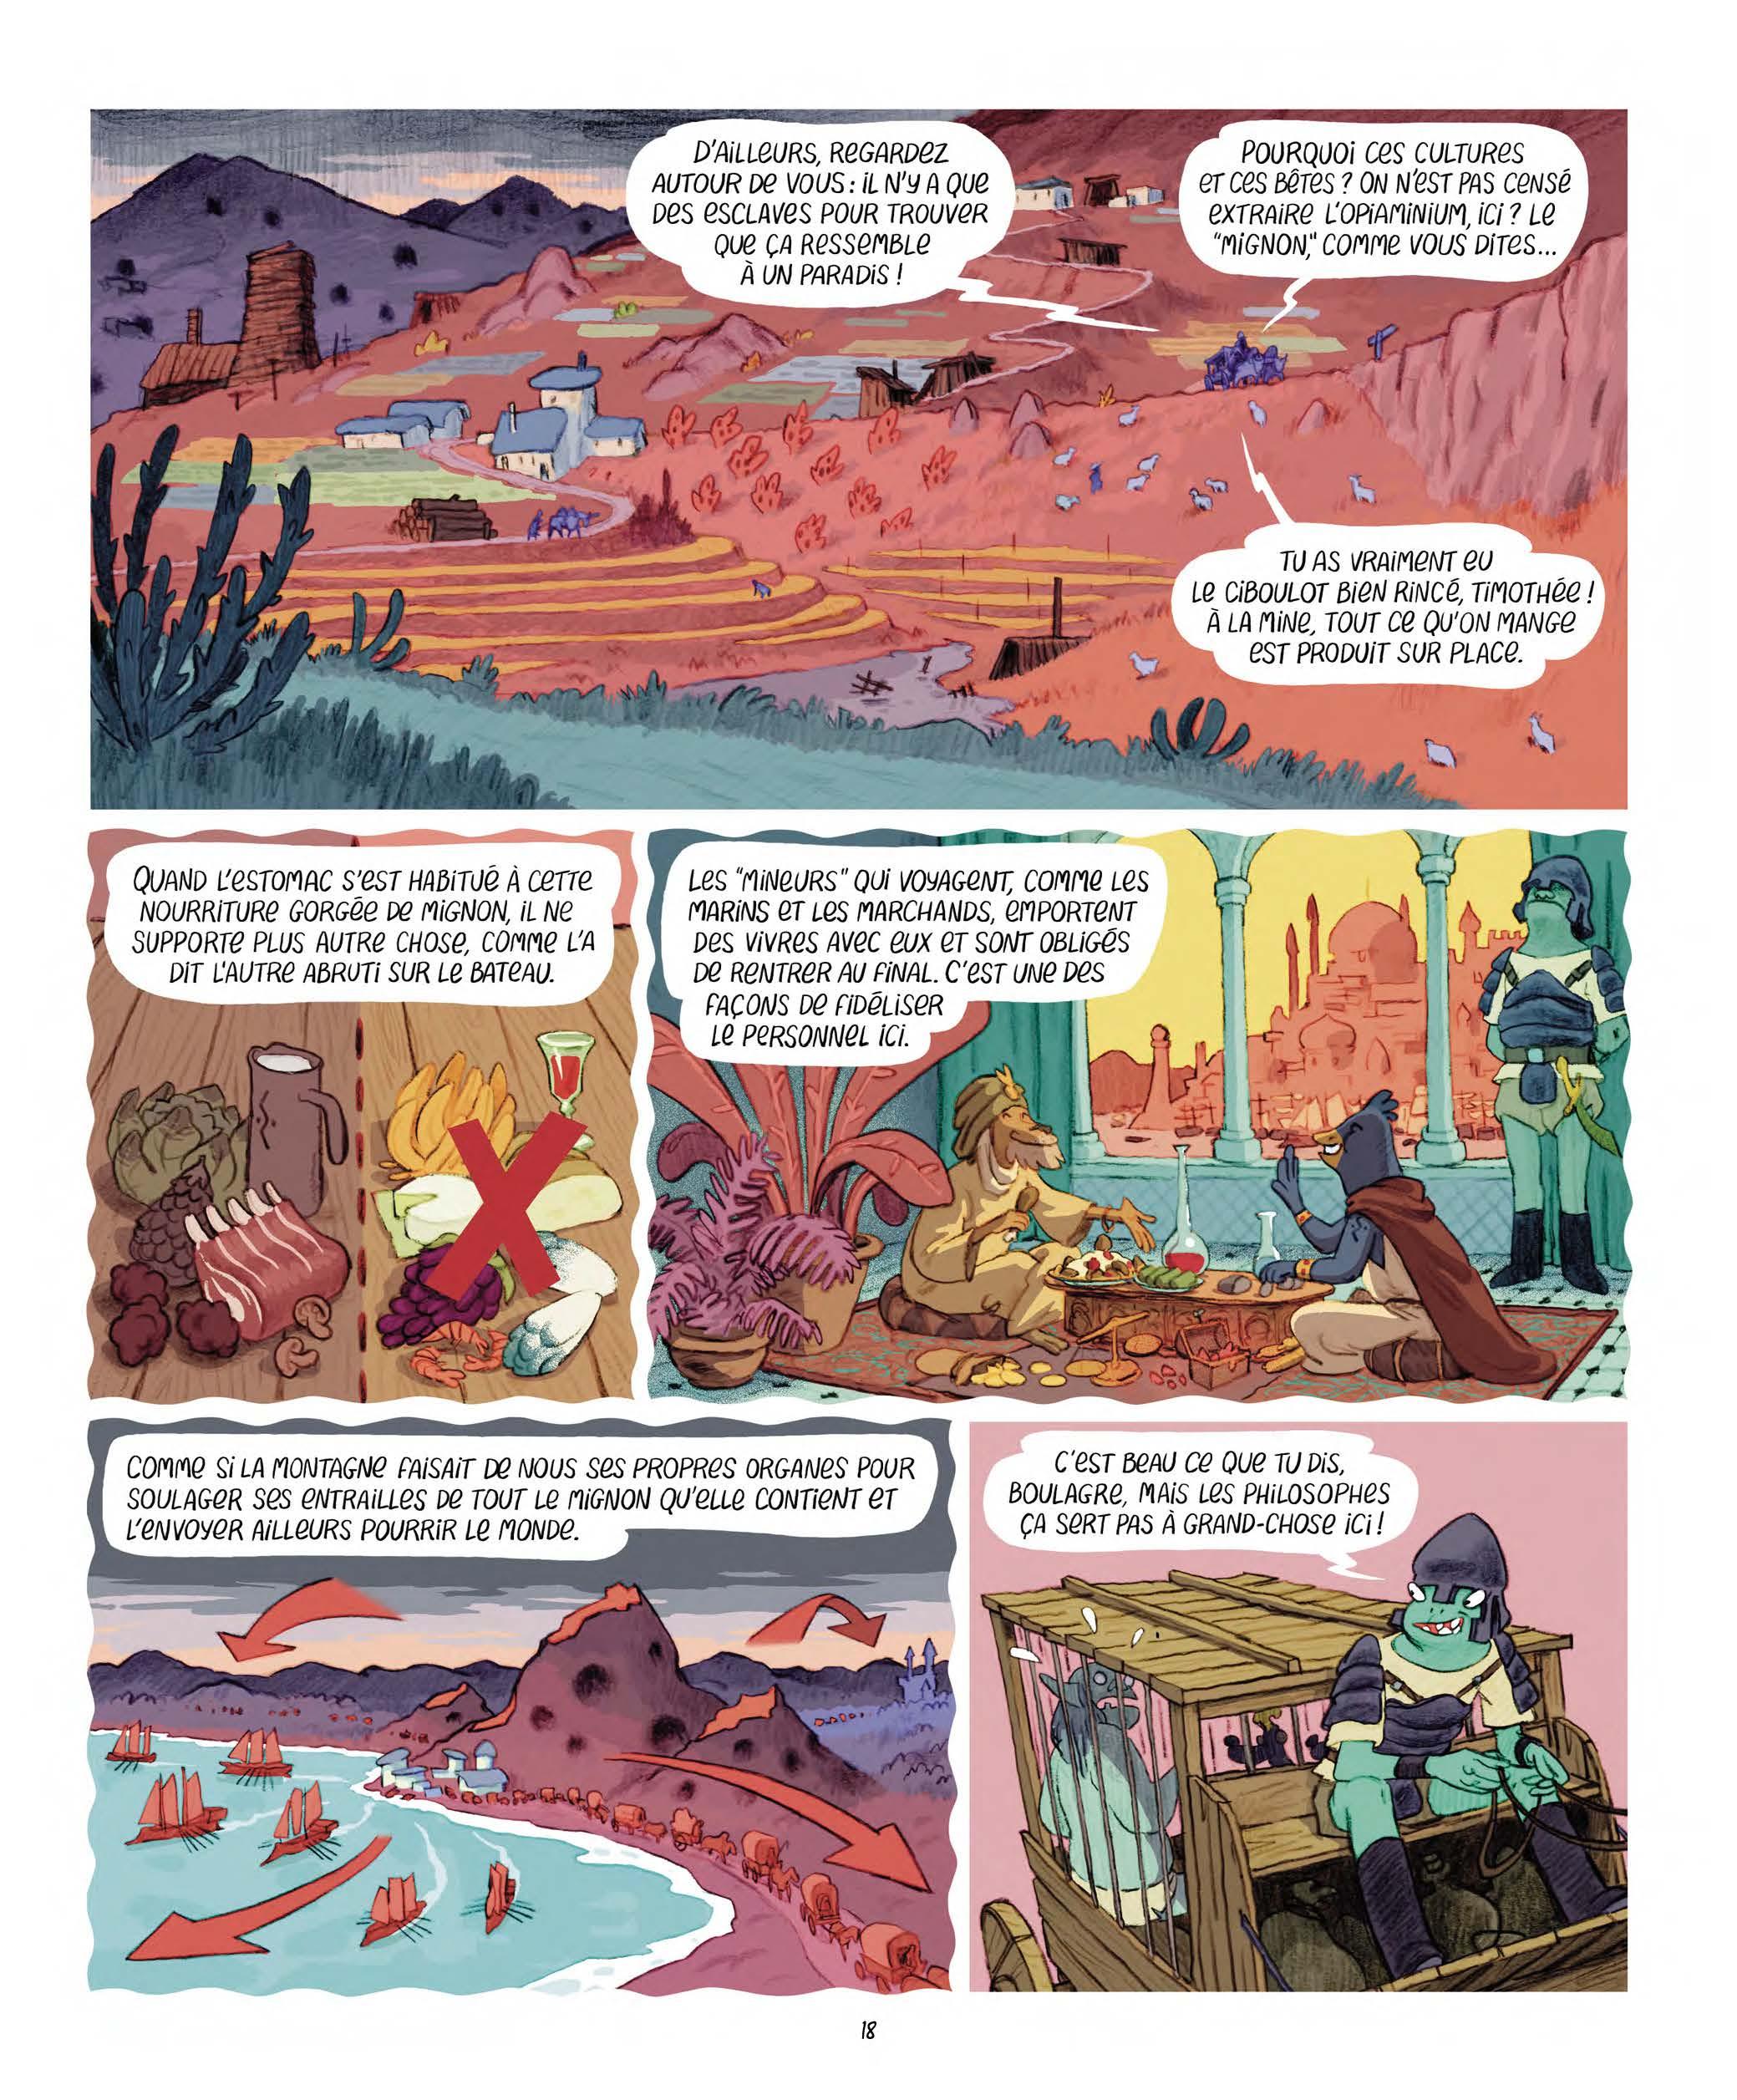 Extrait n°10 Les Affamés 2 - Hum et Wouaf et la triste mine  - Le retour d'hum et wouaf dans les mines de mignon par Jean-Emmanuel Vermot-Desroches